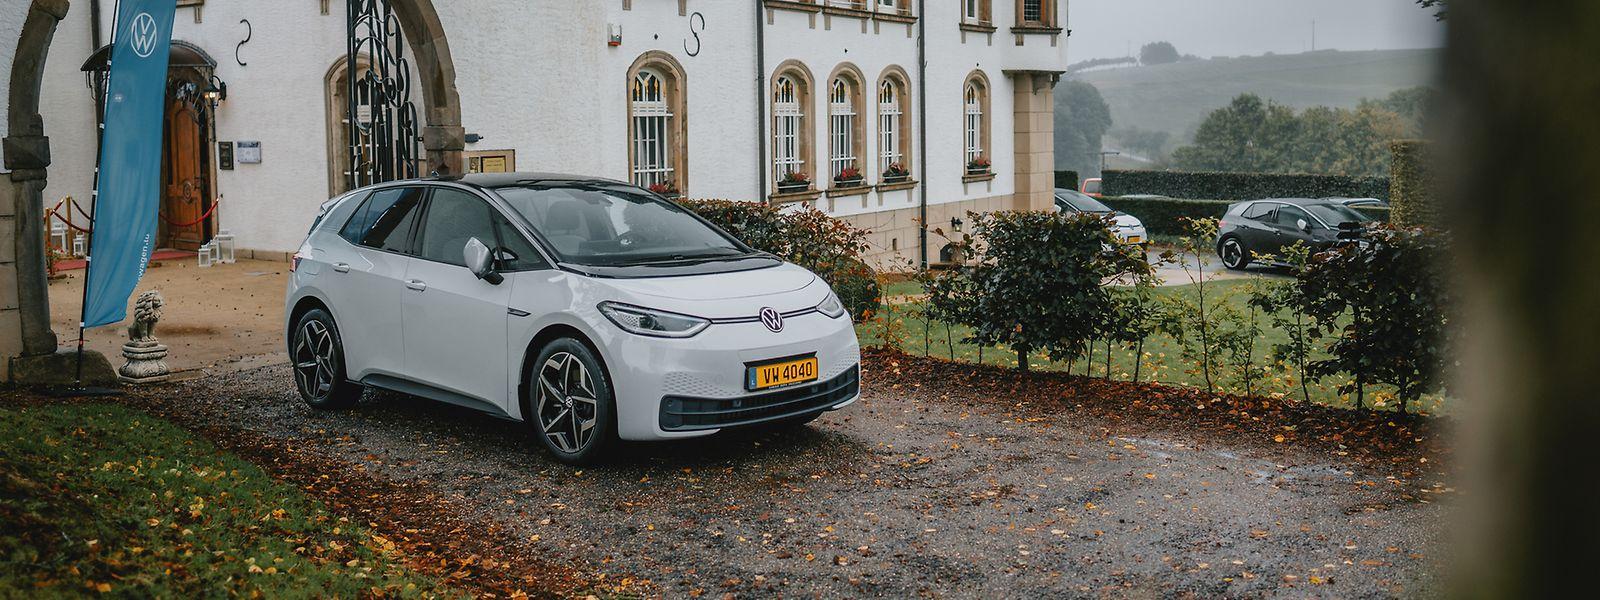 """Am 6. Oktober hatte VW Luxemburg zum """"Media Drive"""" geladen, um der Presse die neuste Wolfsburger Kreation vorzustellen. Unser Foto zeigt den ID.3 beim Zwischenstopp am Château d'Urspelt im Norden des Großherzogtums."""